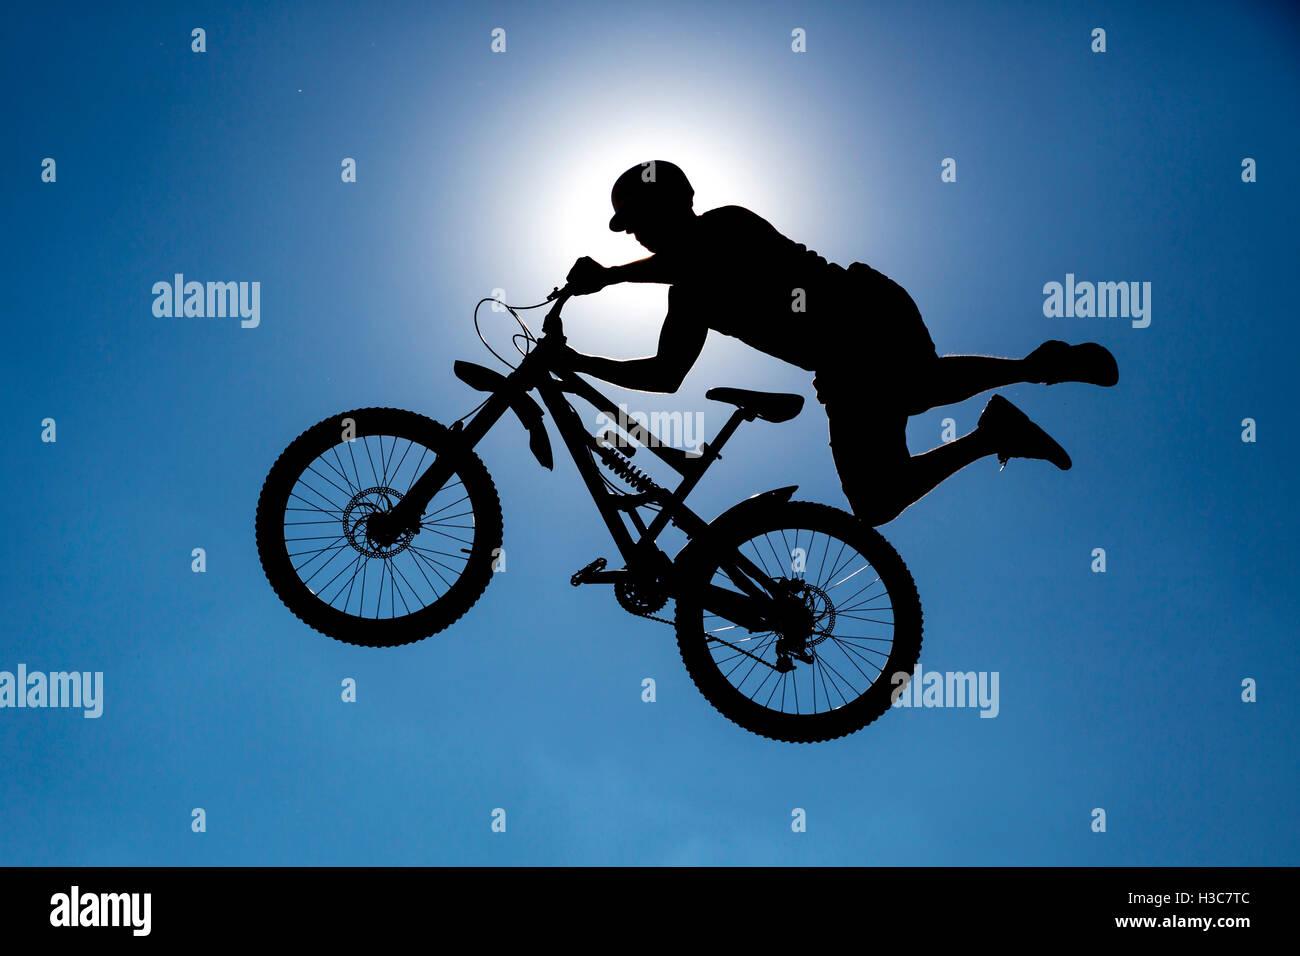 Una extrema rider es haciendo un estilo libre saltar desde una rampa. El joven con su bicicleta es visto como una Imagen De Stock